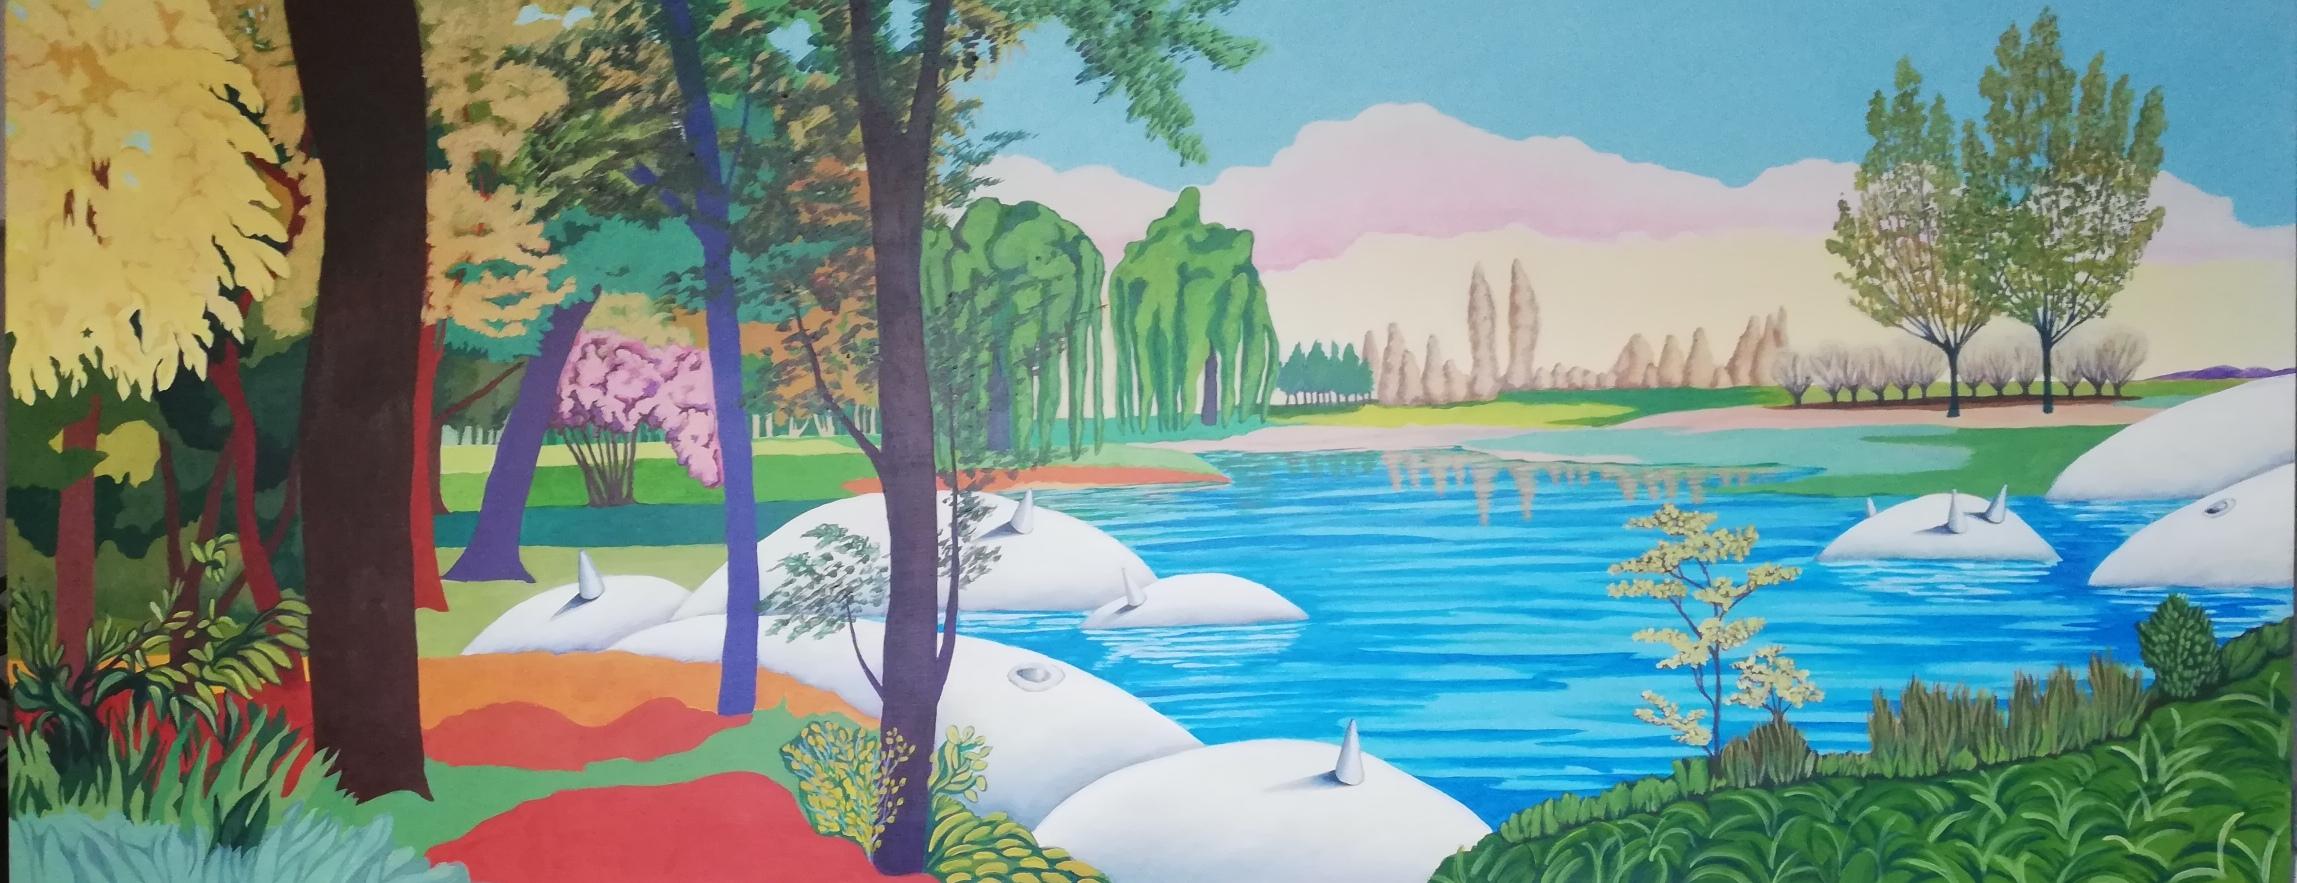 il dipinto di Yvonne D'acosta a colori ritrae un paesaggio con molti alberi e un fiume